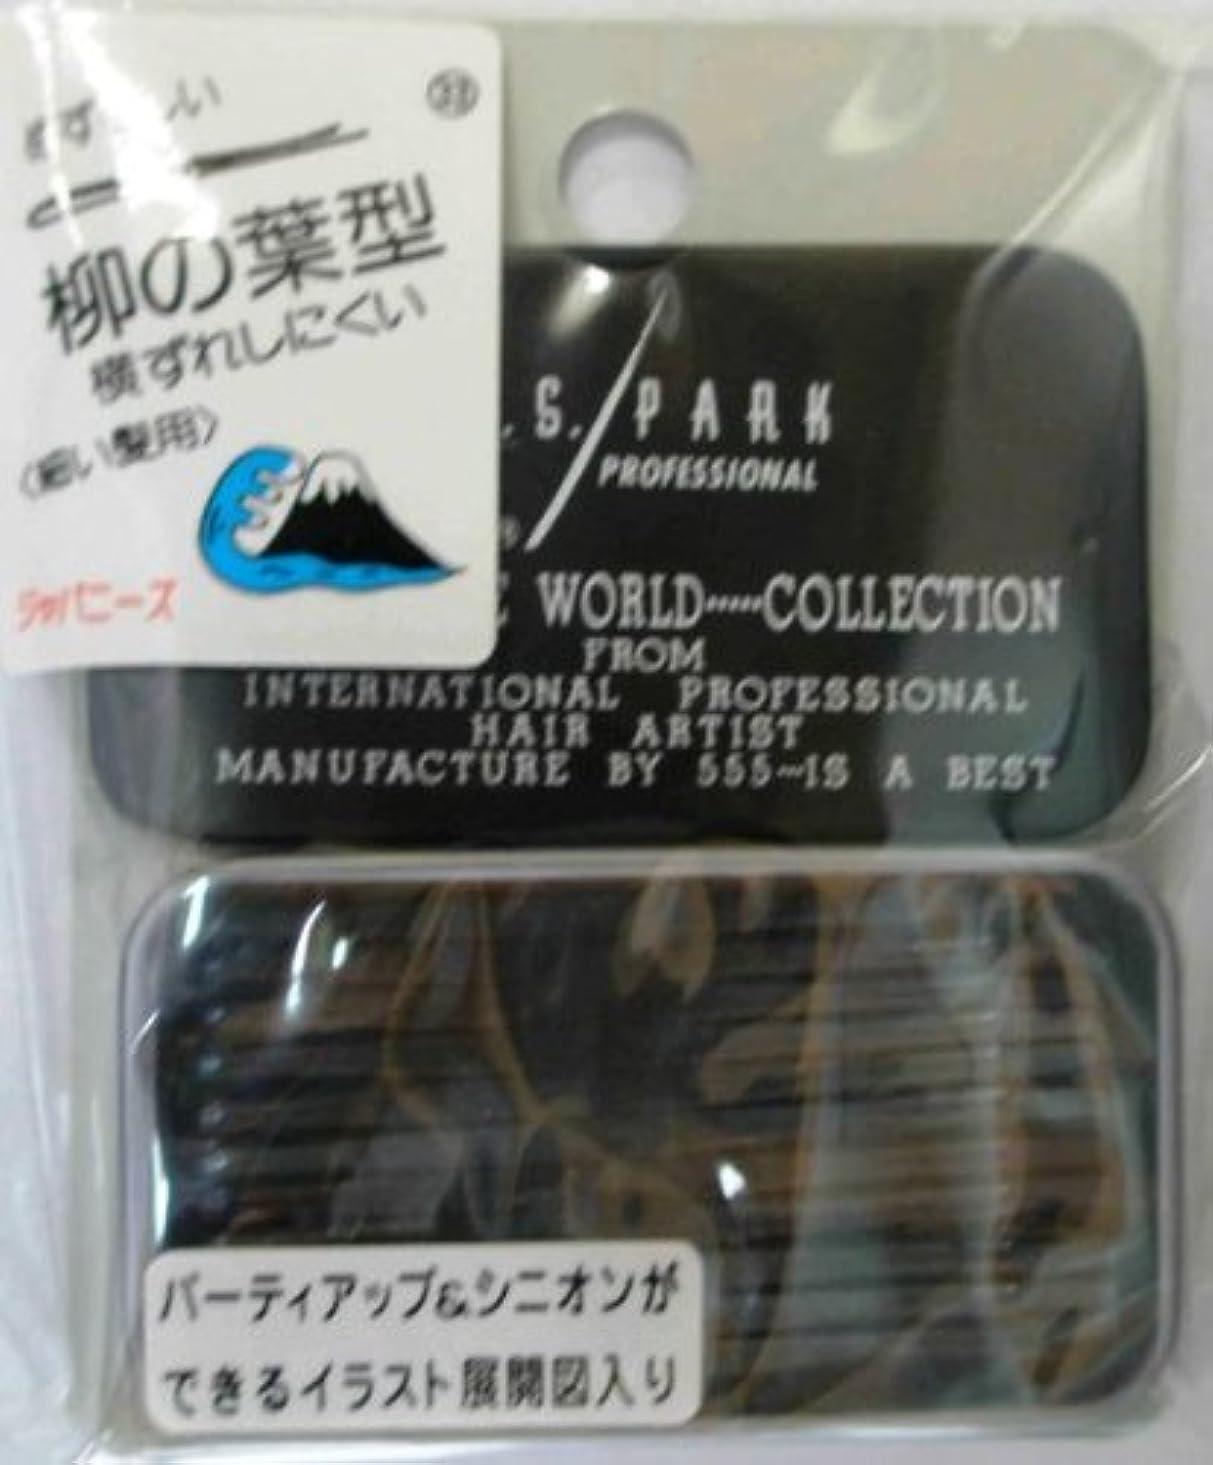 パイル織機銃Y.S.PARK世界のヘアピンコレクションNo.33(細い髪用)ジャパニーズ32P